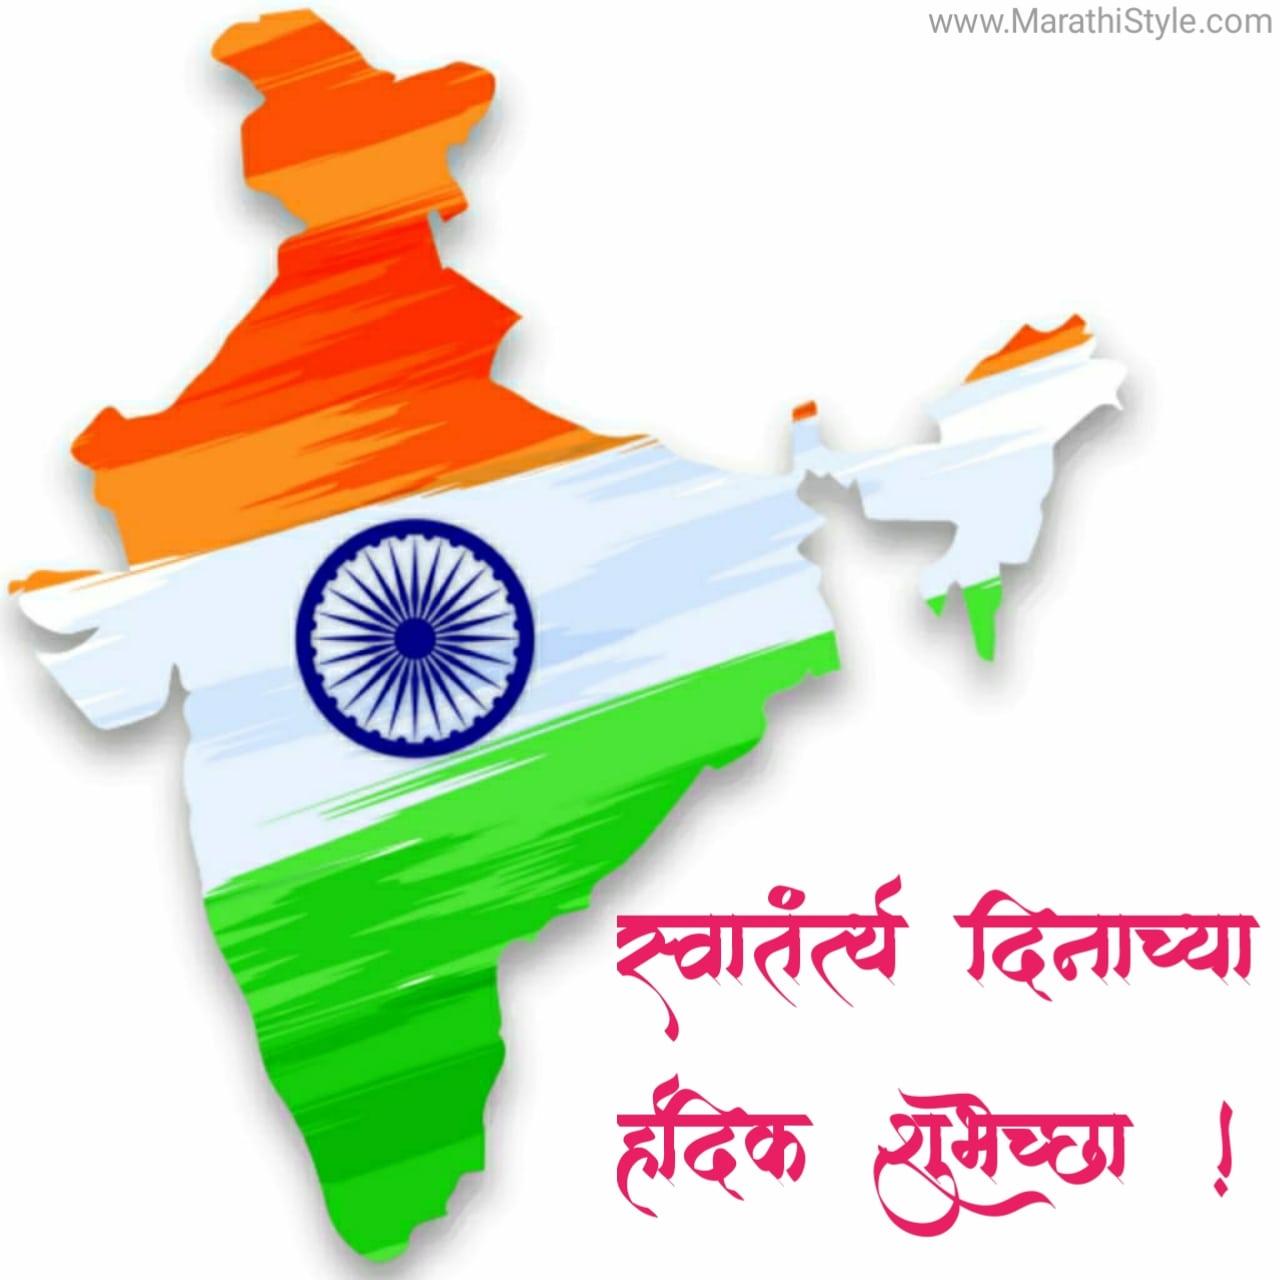 स्वातंत्र्य दिनाच्या हार्दिक शुभेच्छा   Happy Independence Day In Marathi